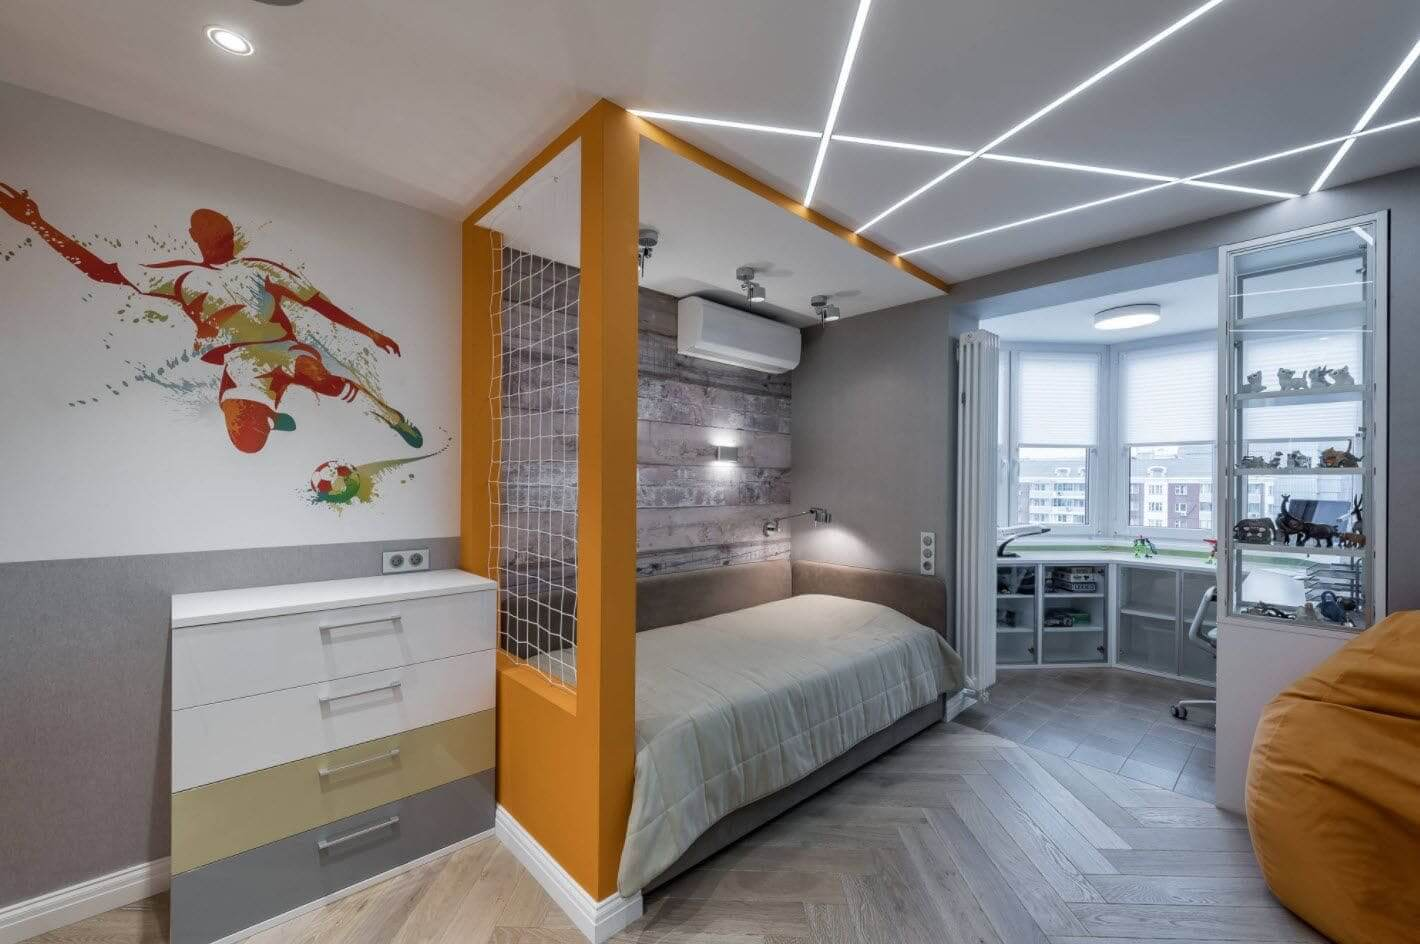 Потолок со световыми линиями в детской